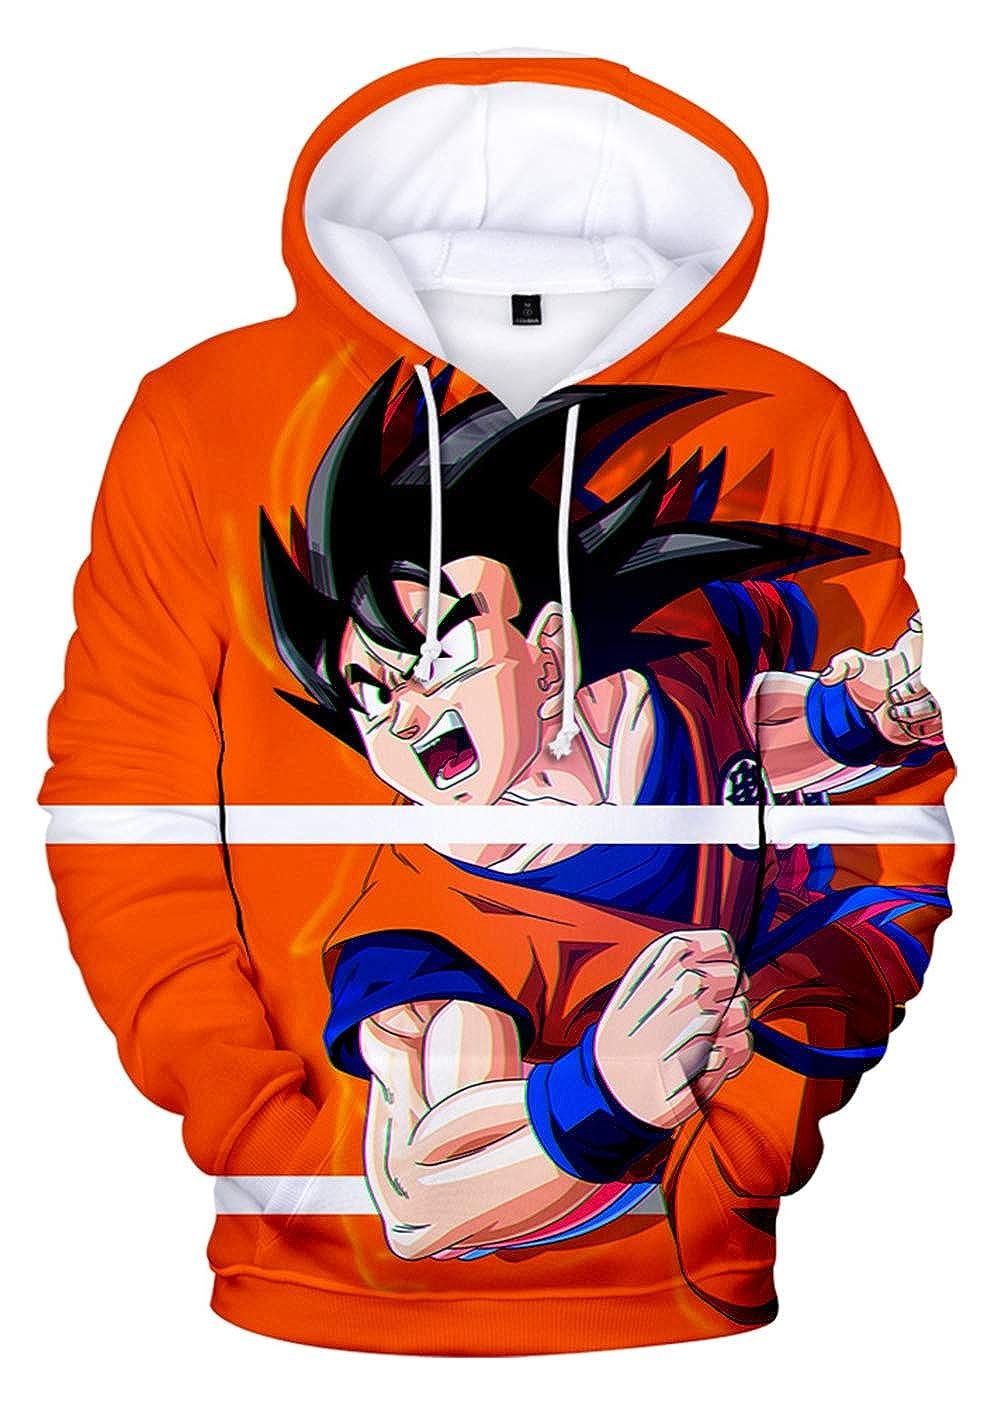 Sweat /à Manches Longues Imprim/é avec Motif Super Goku et Saiyan Broly HUASON Gar/çon Fille Enfants Dragon Ball 3D Imprimer Pull /à Capuche